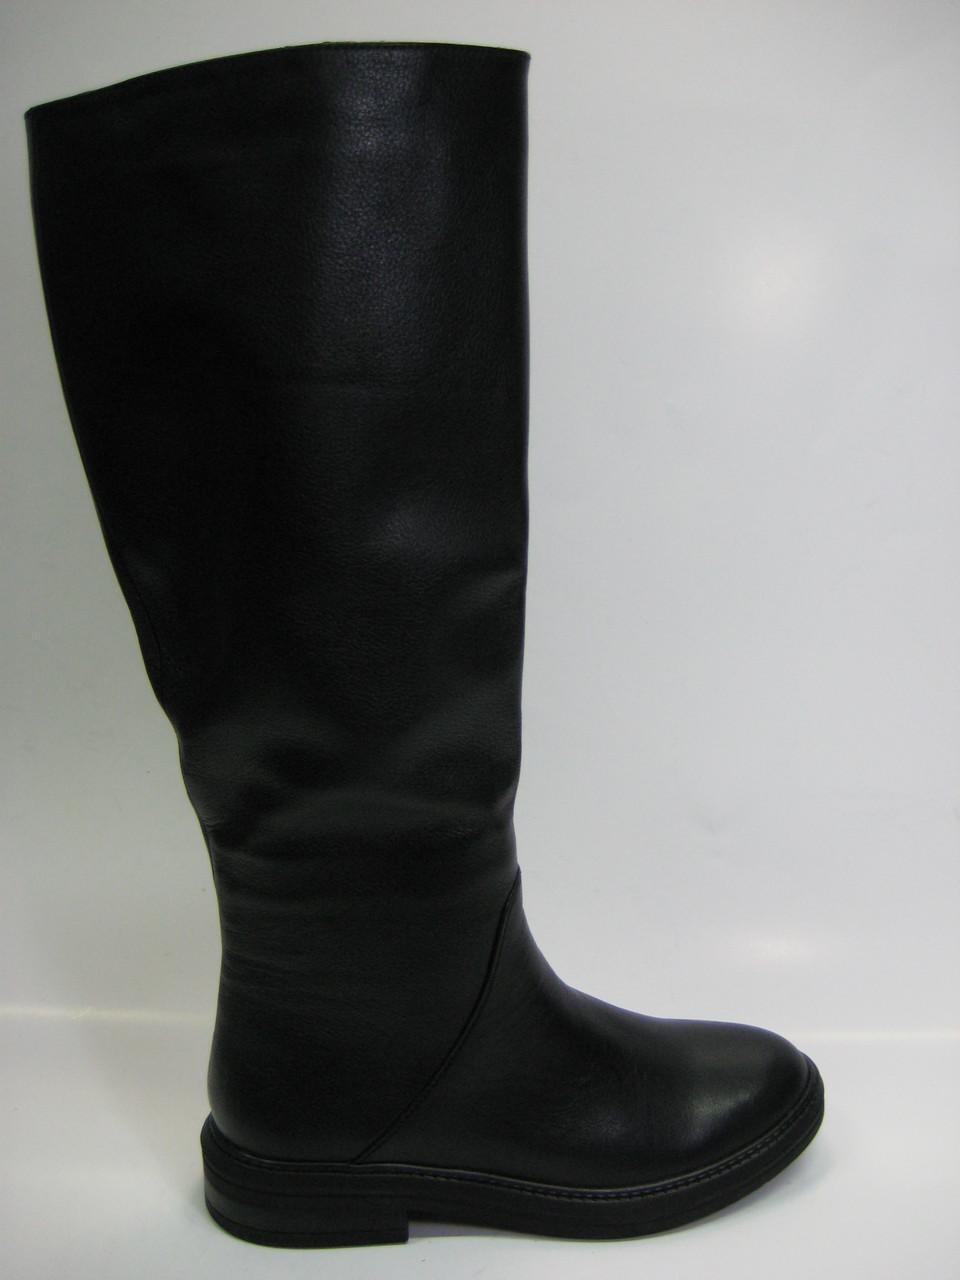 Женские кожаные сапоги евро зима ТМ Vito Villini - Взуття українських  брендів «УкрТоп» в 2521489fa02